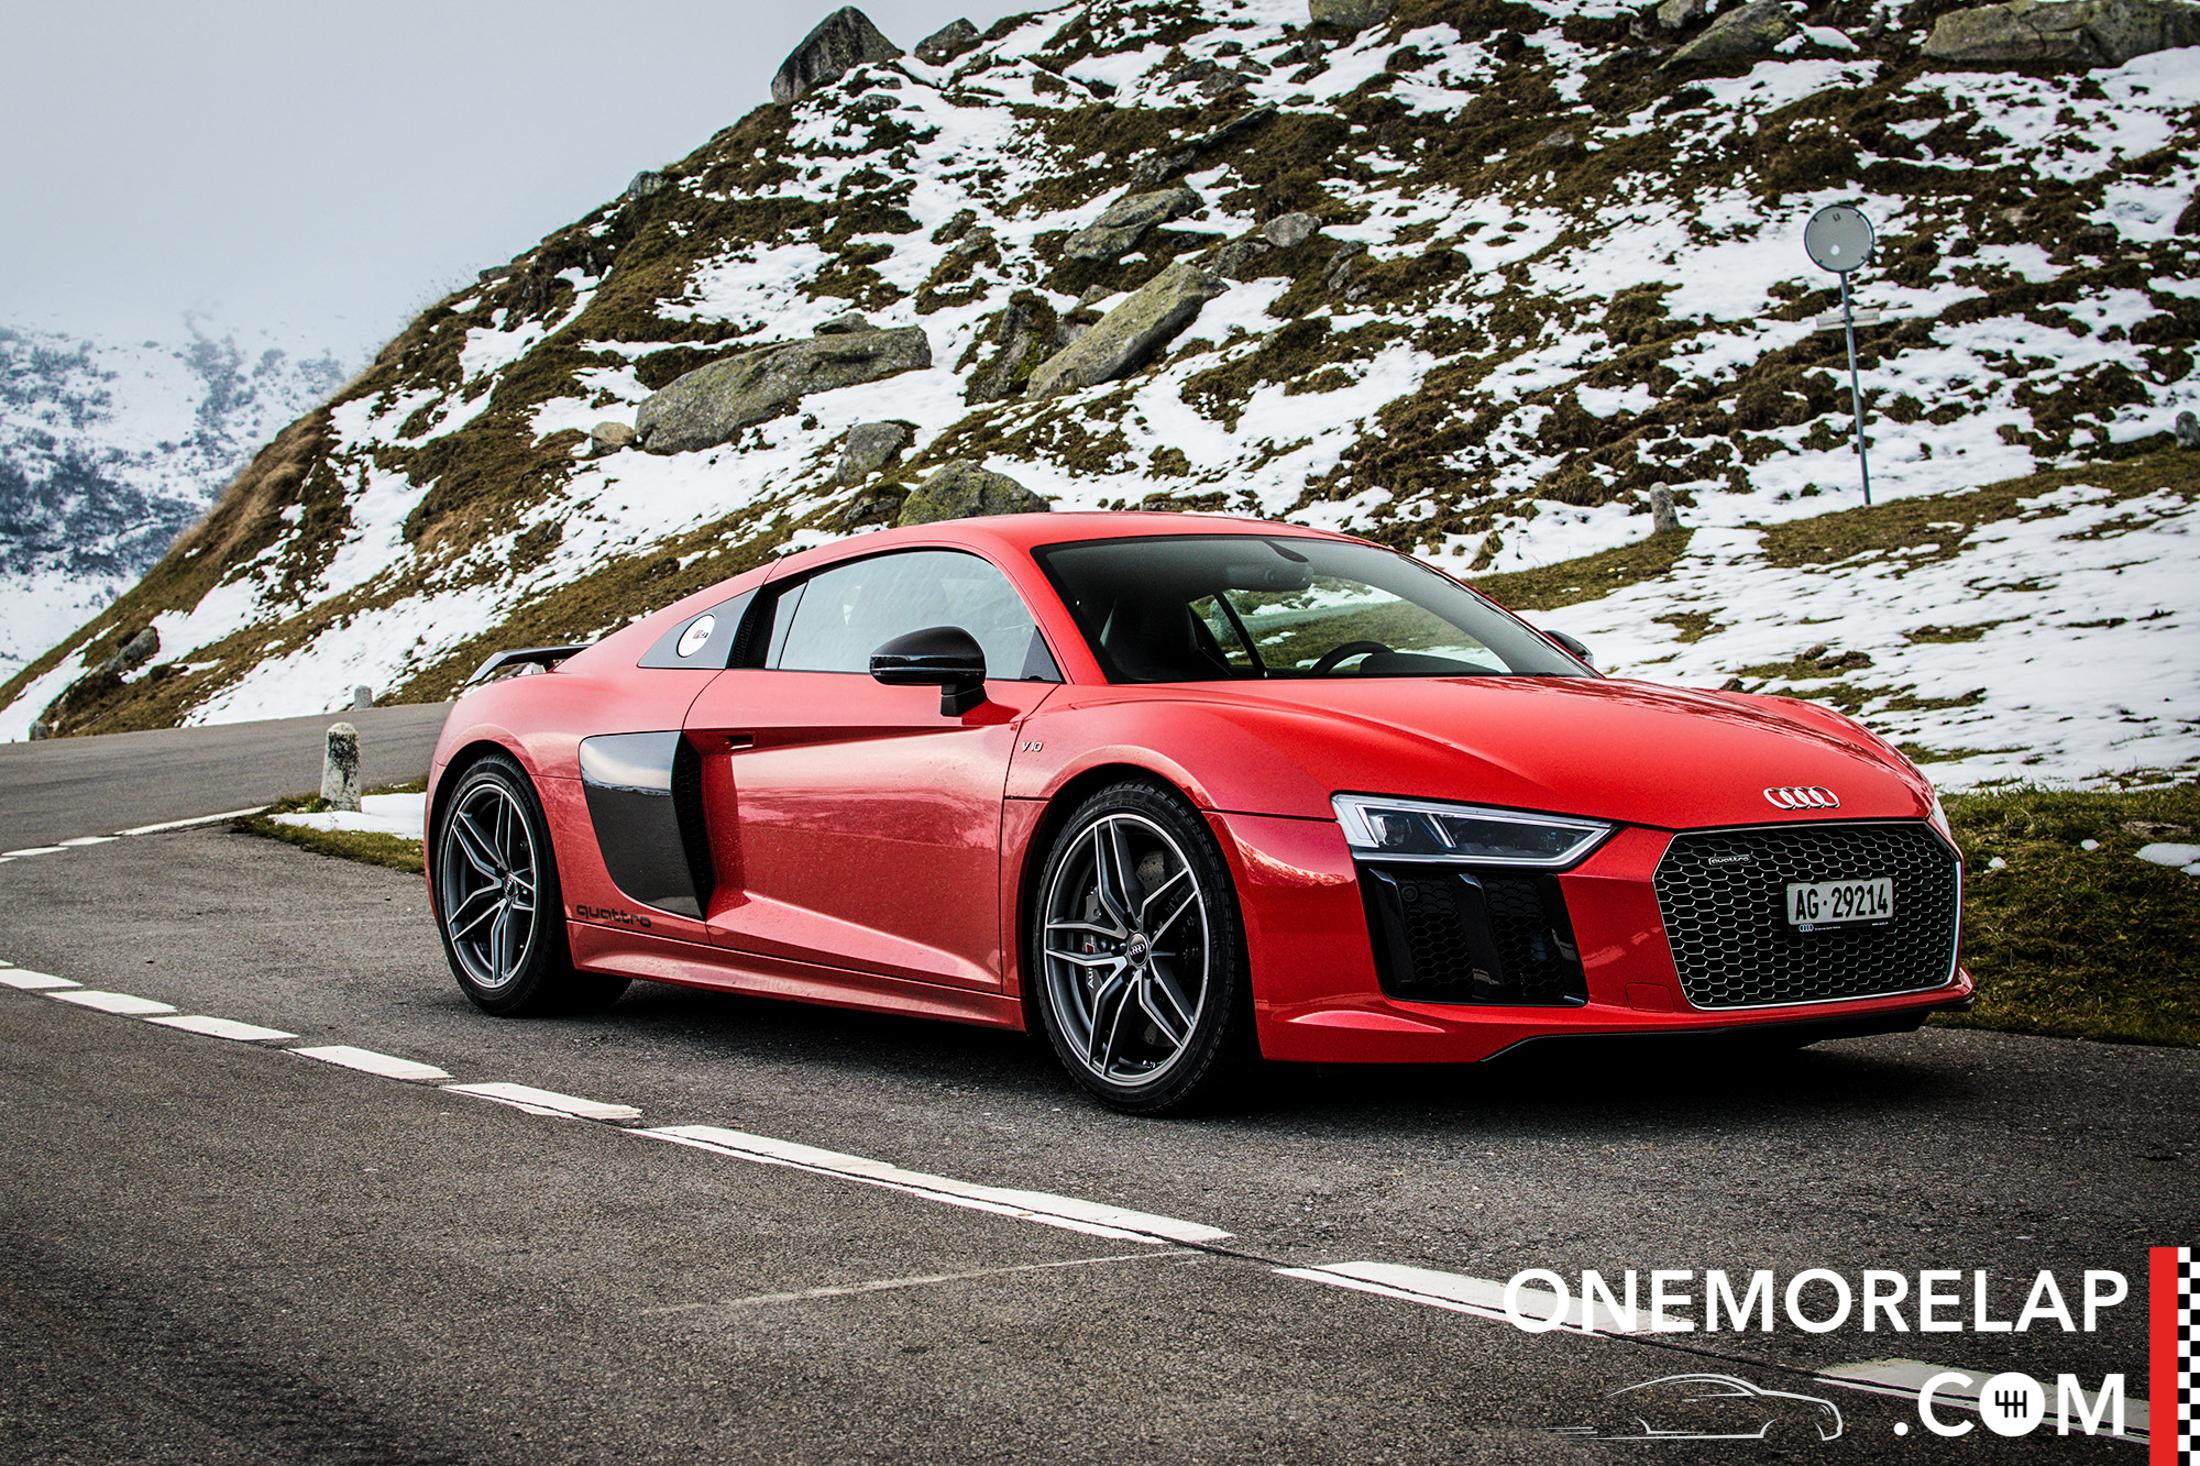 Kurztest: Audi R8 V10 Plus